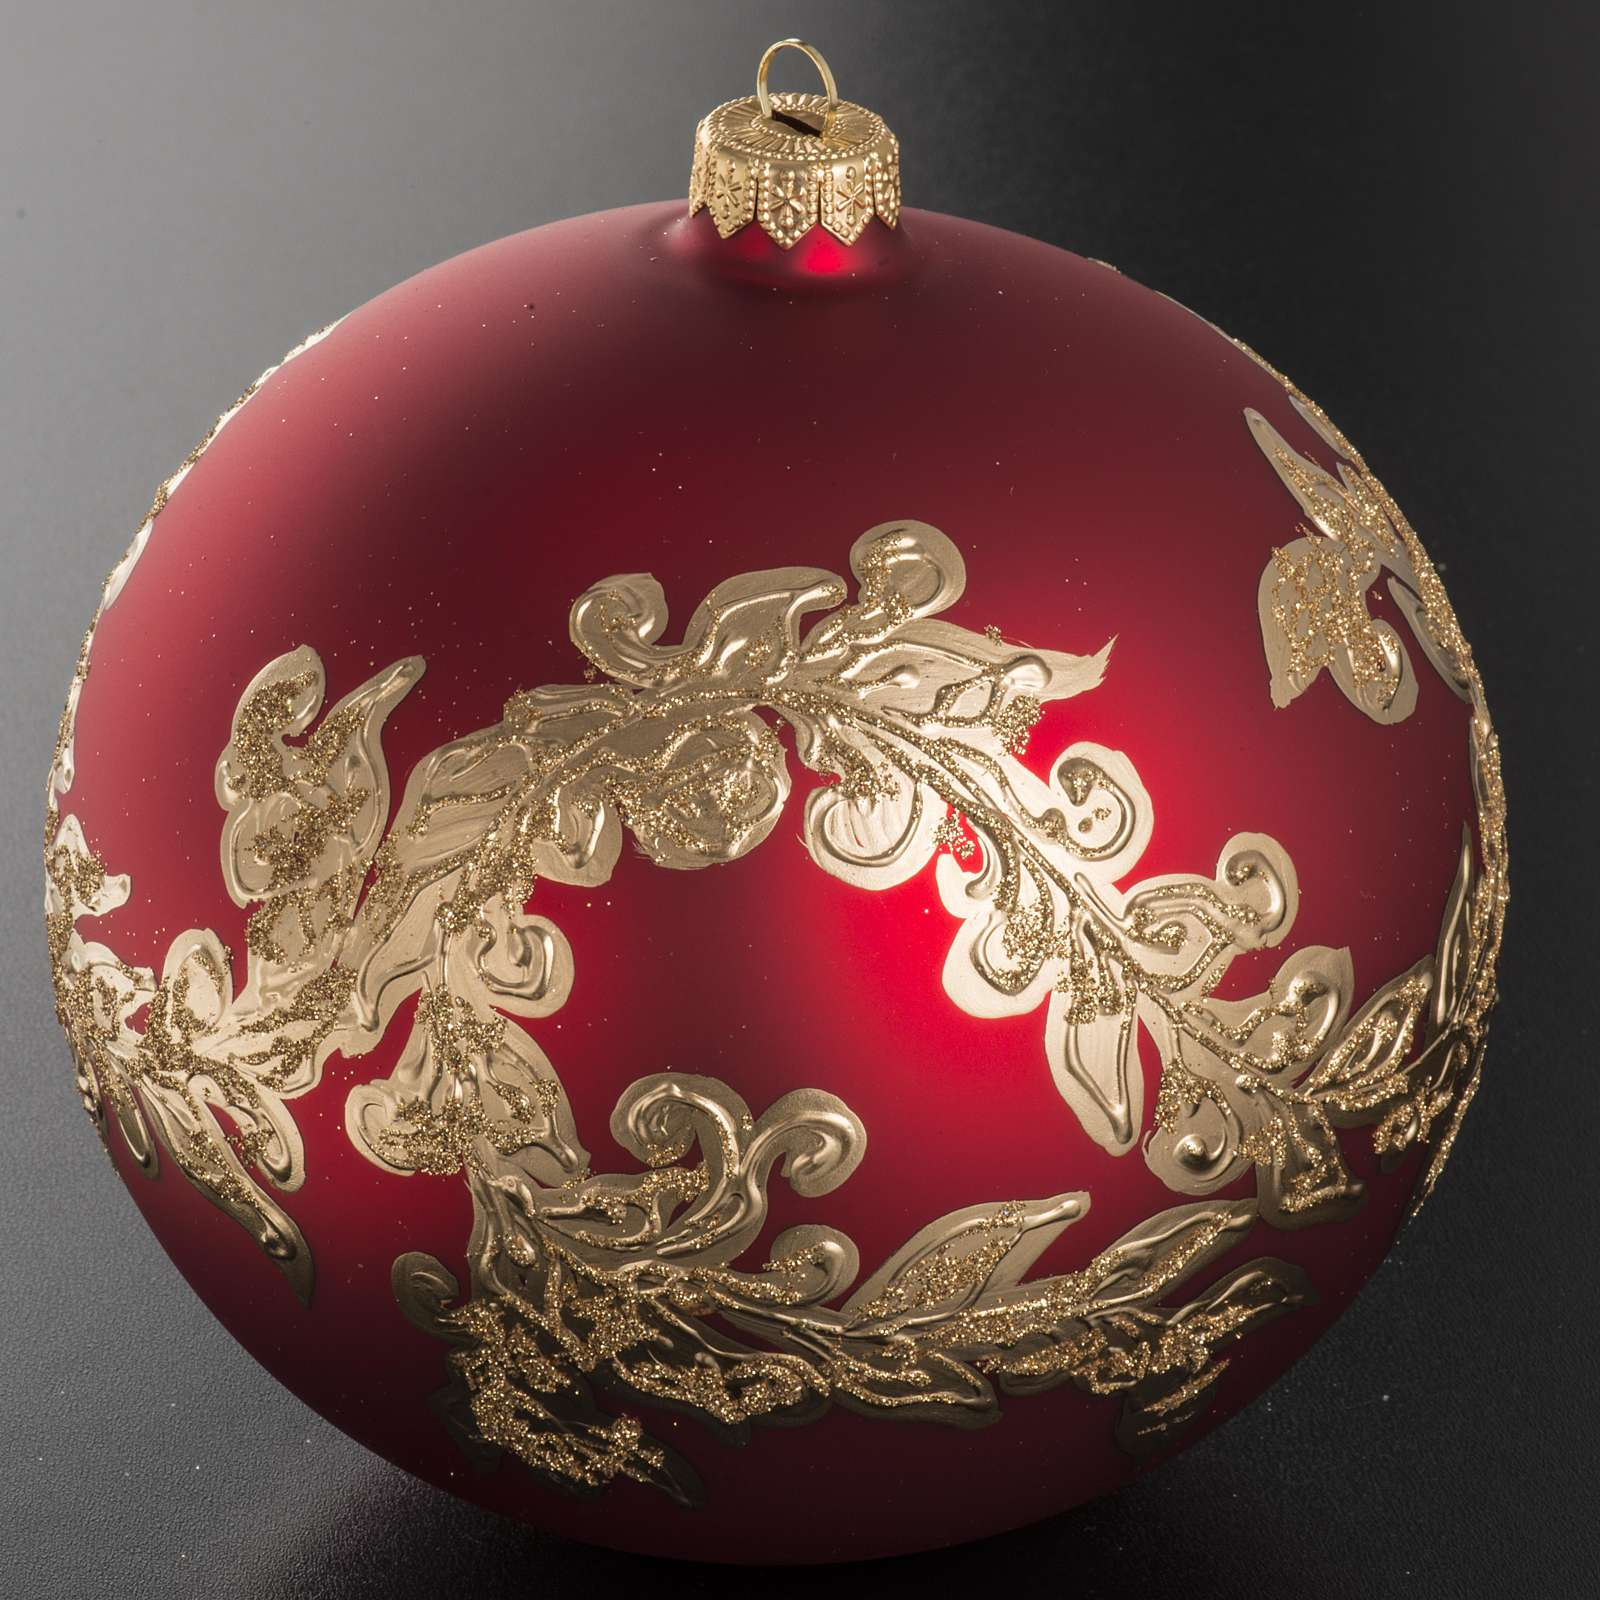 b068042fe71 Bola de navidad vidrio soplado rojo decoraciones doradas 15 cm ...